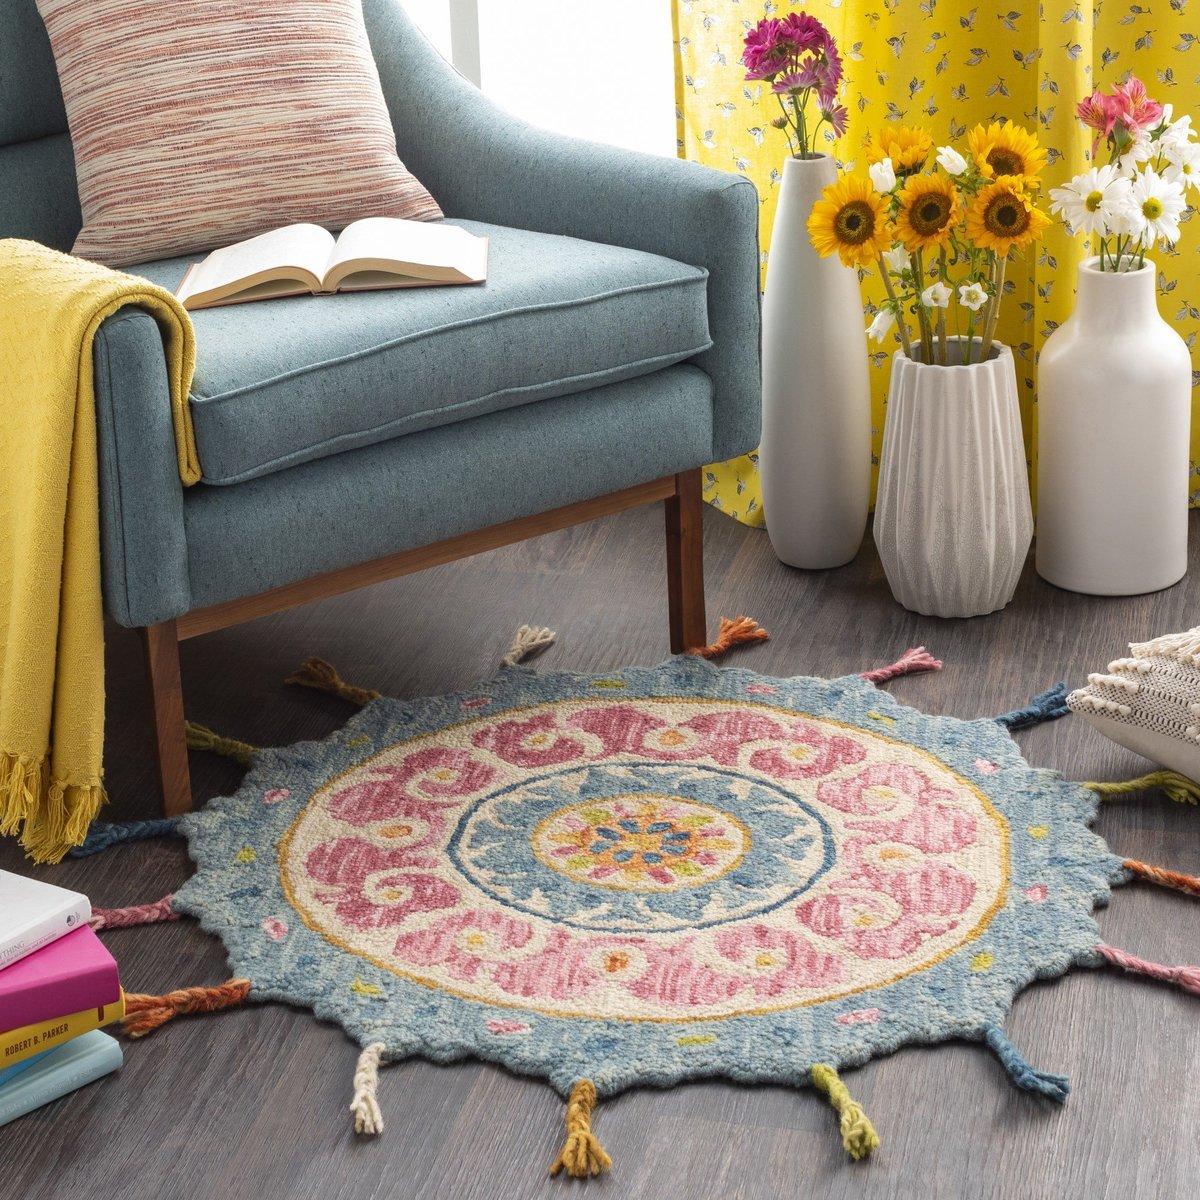 Charming Chair - Boho Living Room Ideas